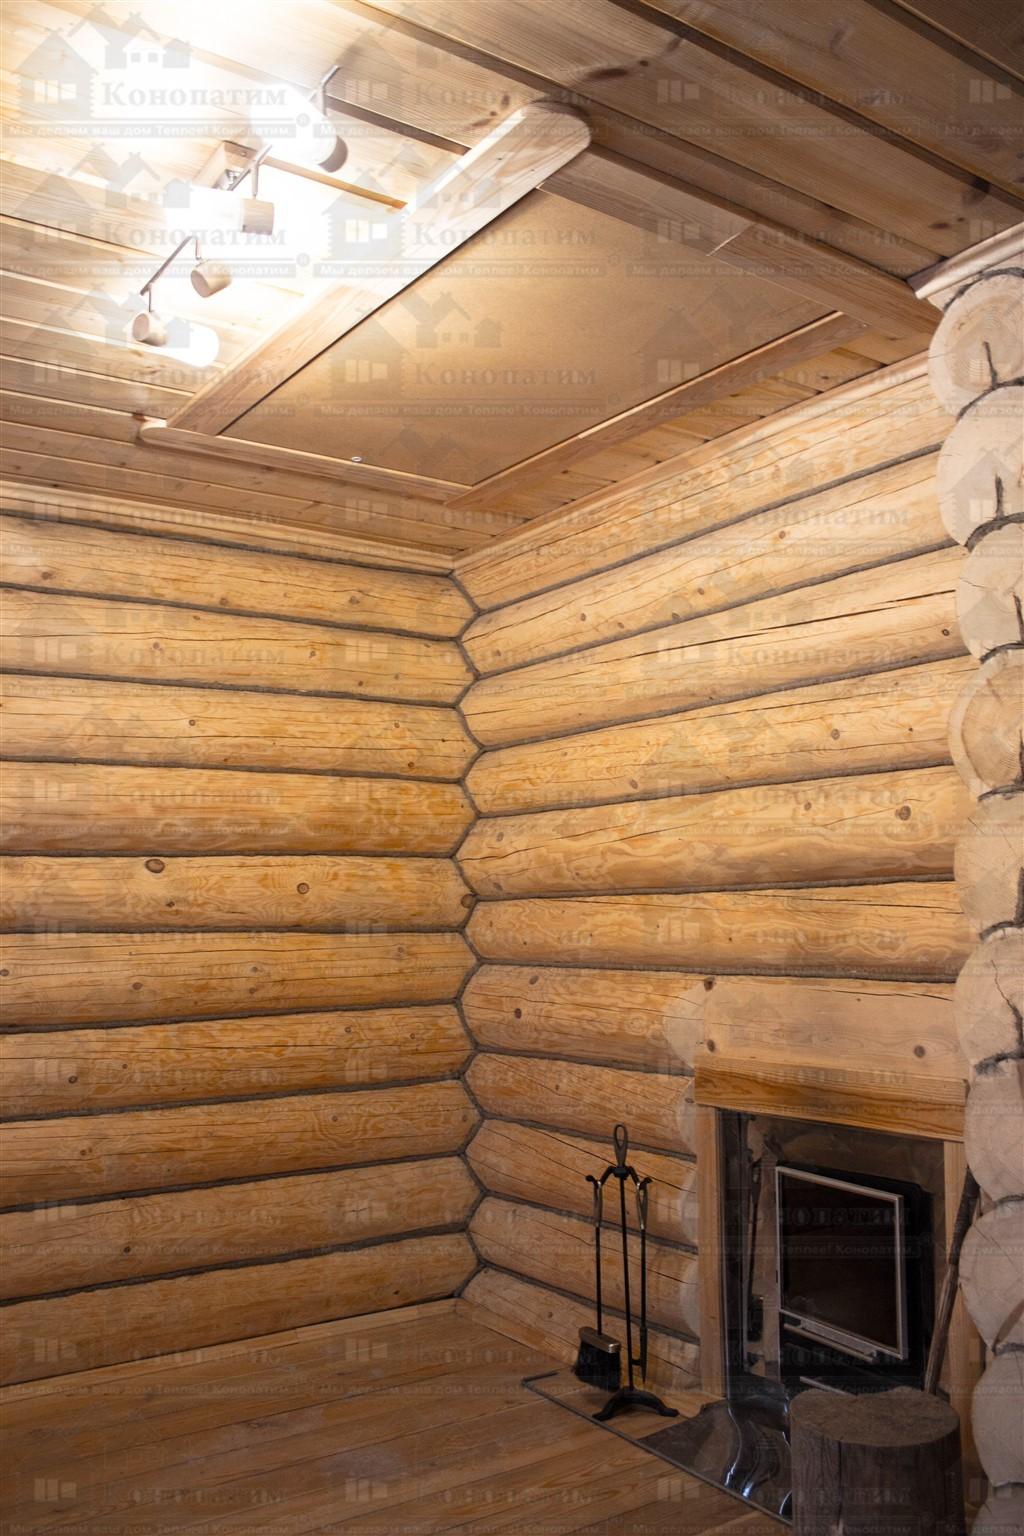 Фото-дом-баня ручной рубки в пос. Дачное после конопатки внутренних стен.